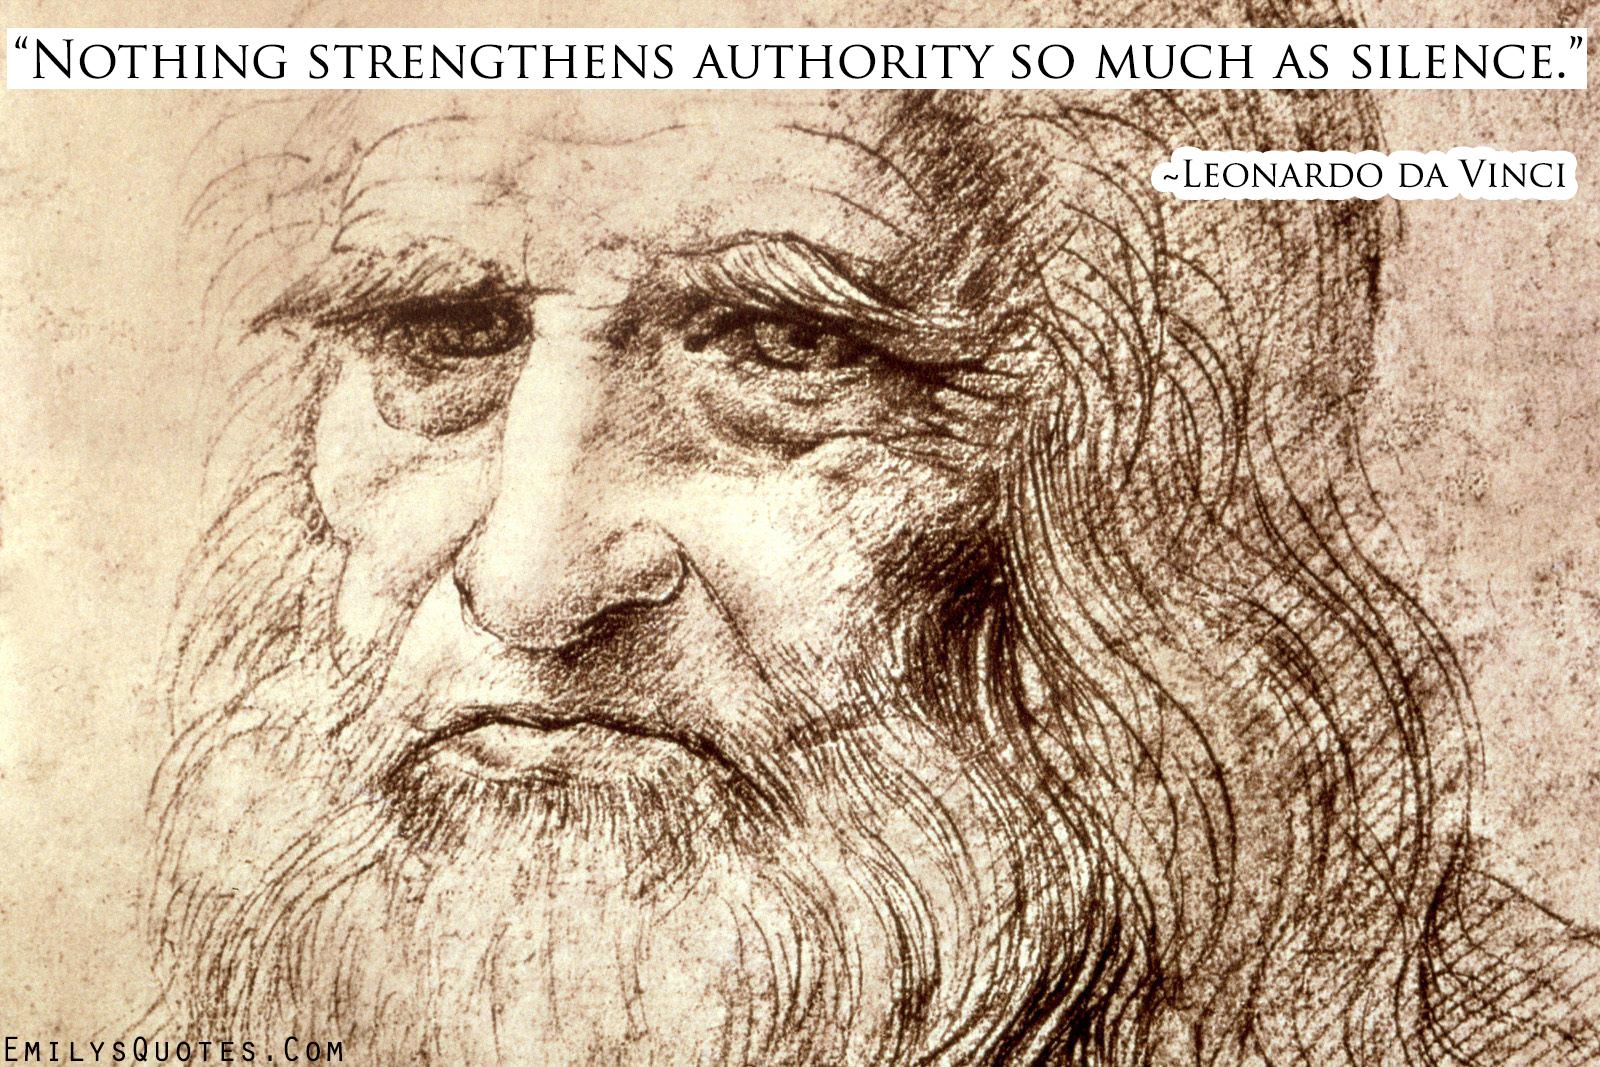 EmilysQuotes.Com - silence, authority, Leonardo da Vinci, wisdom